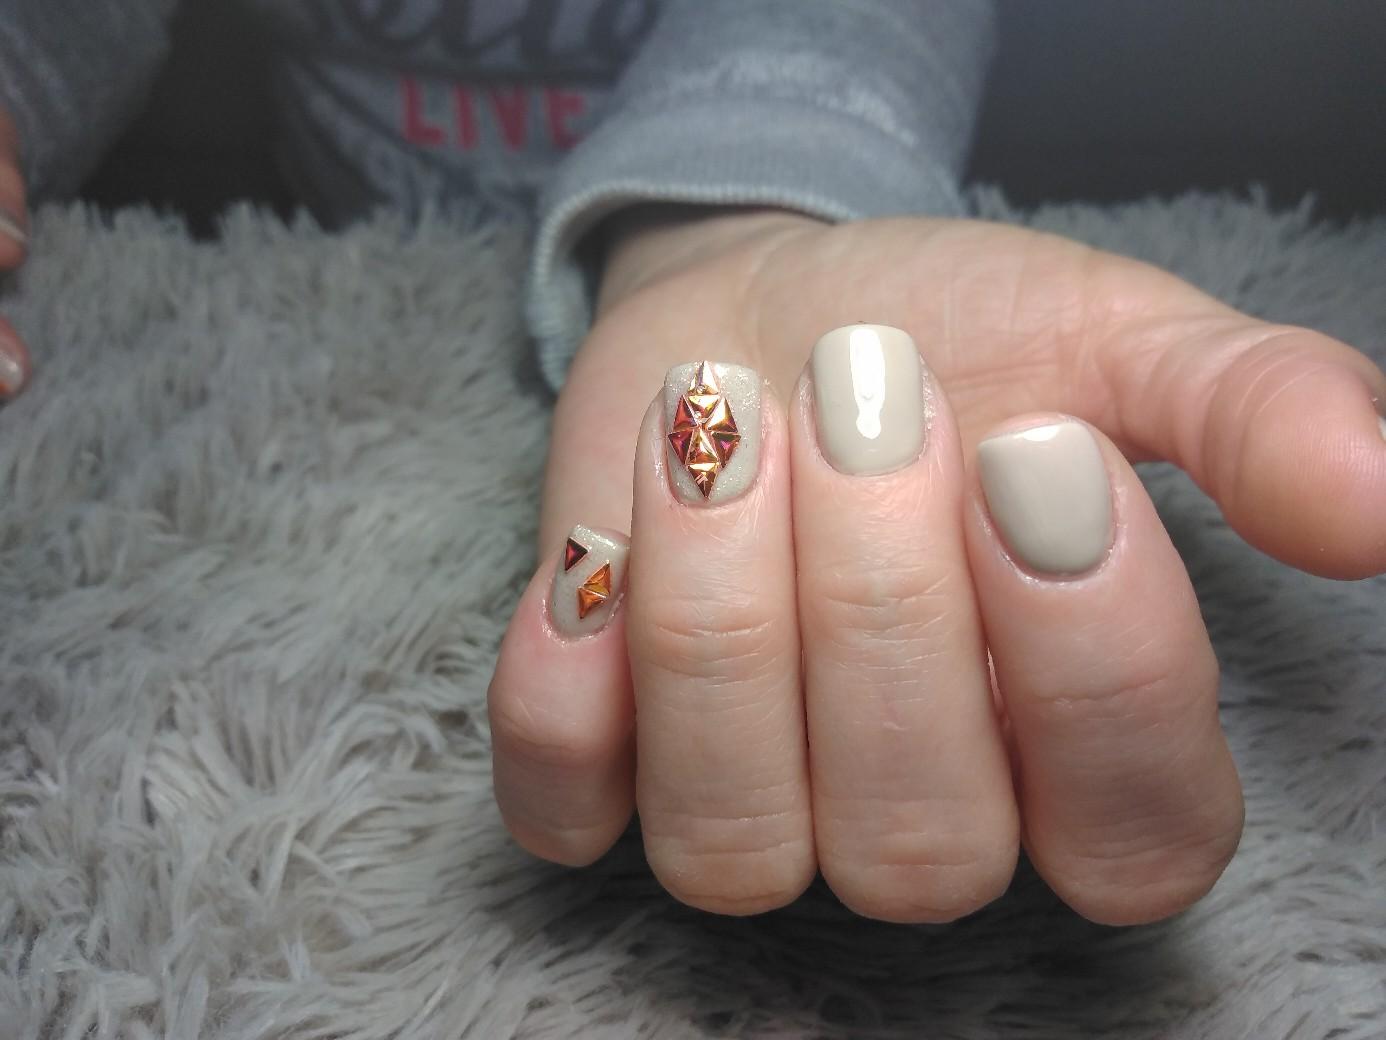 Маникюр с дизайном битое стекло в пастельных тонах на короткие ногти.